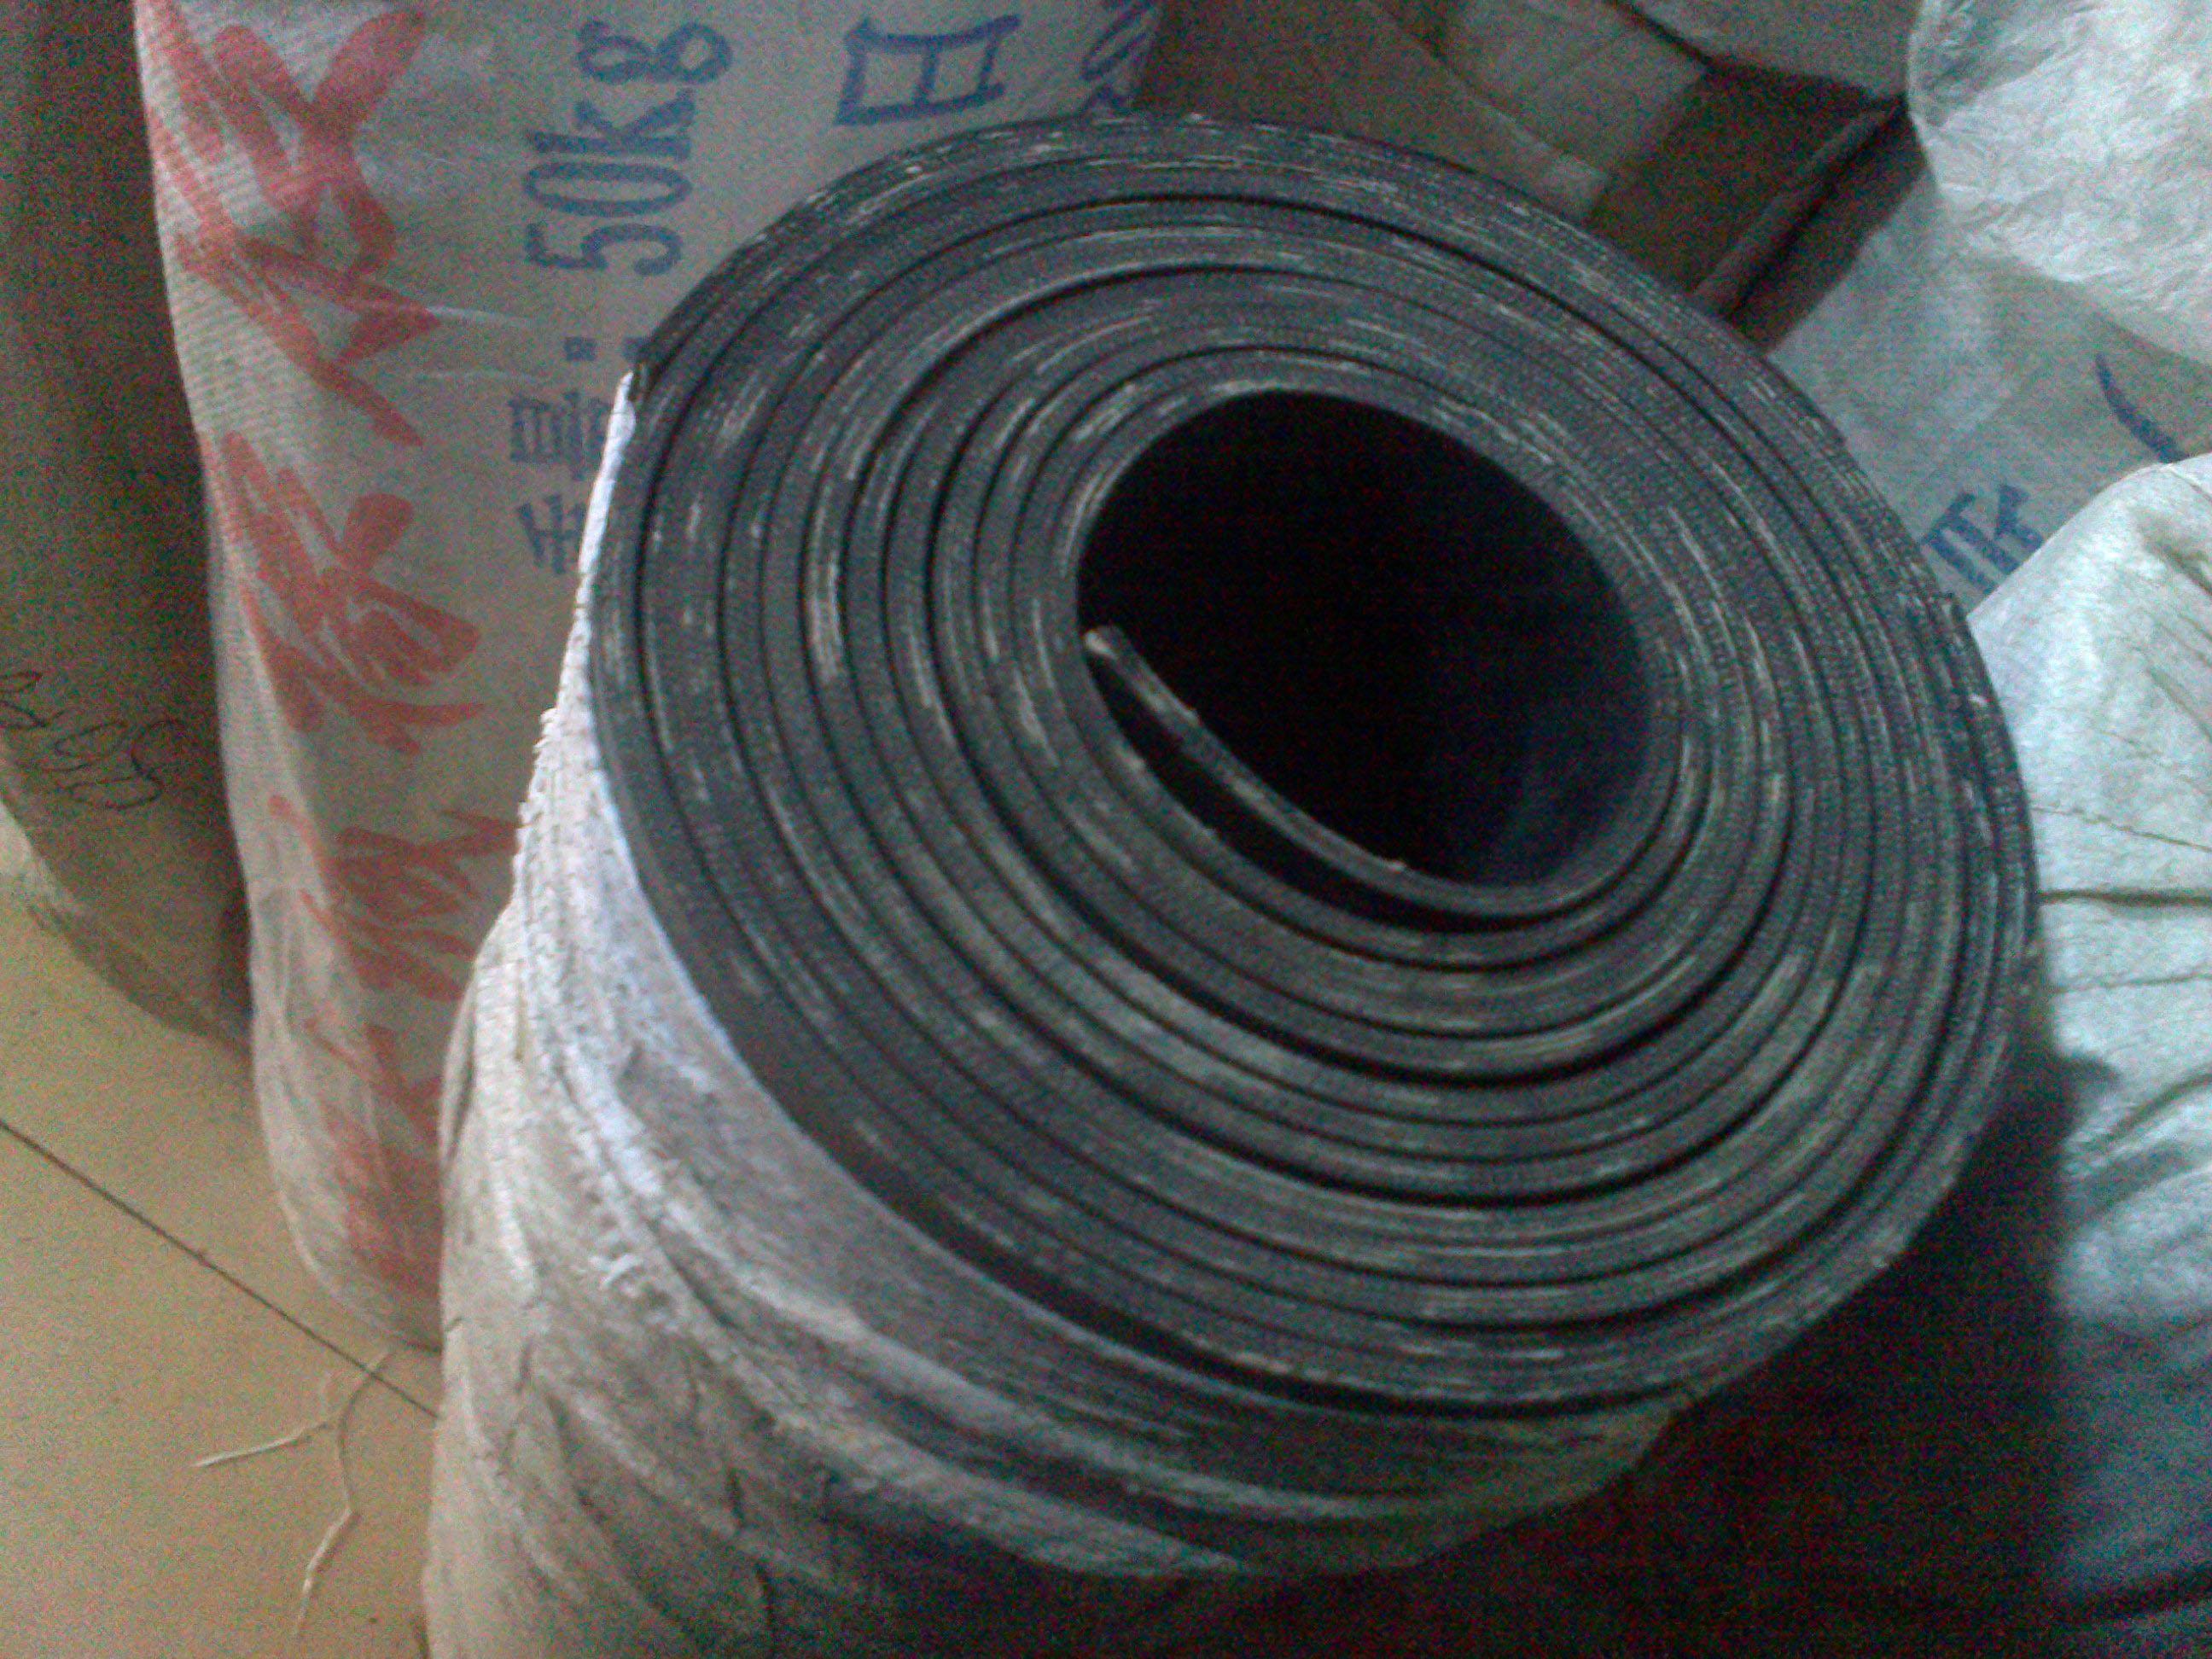 供应天津夹布橡胶板,5860橡胶板,1142橡胶板,1157橡胶板,1260橡胶板